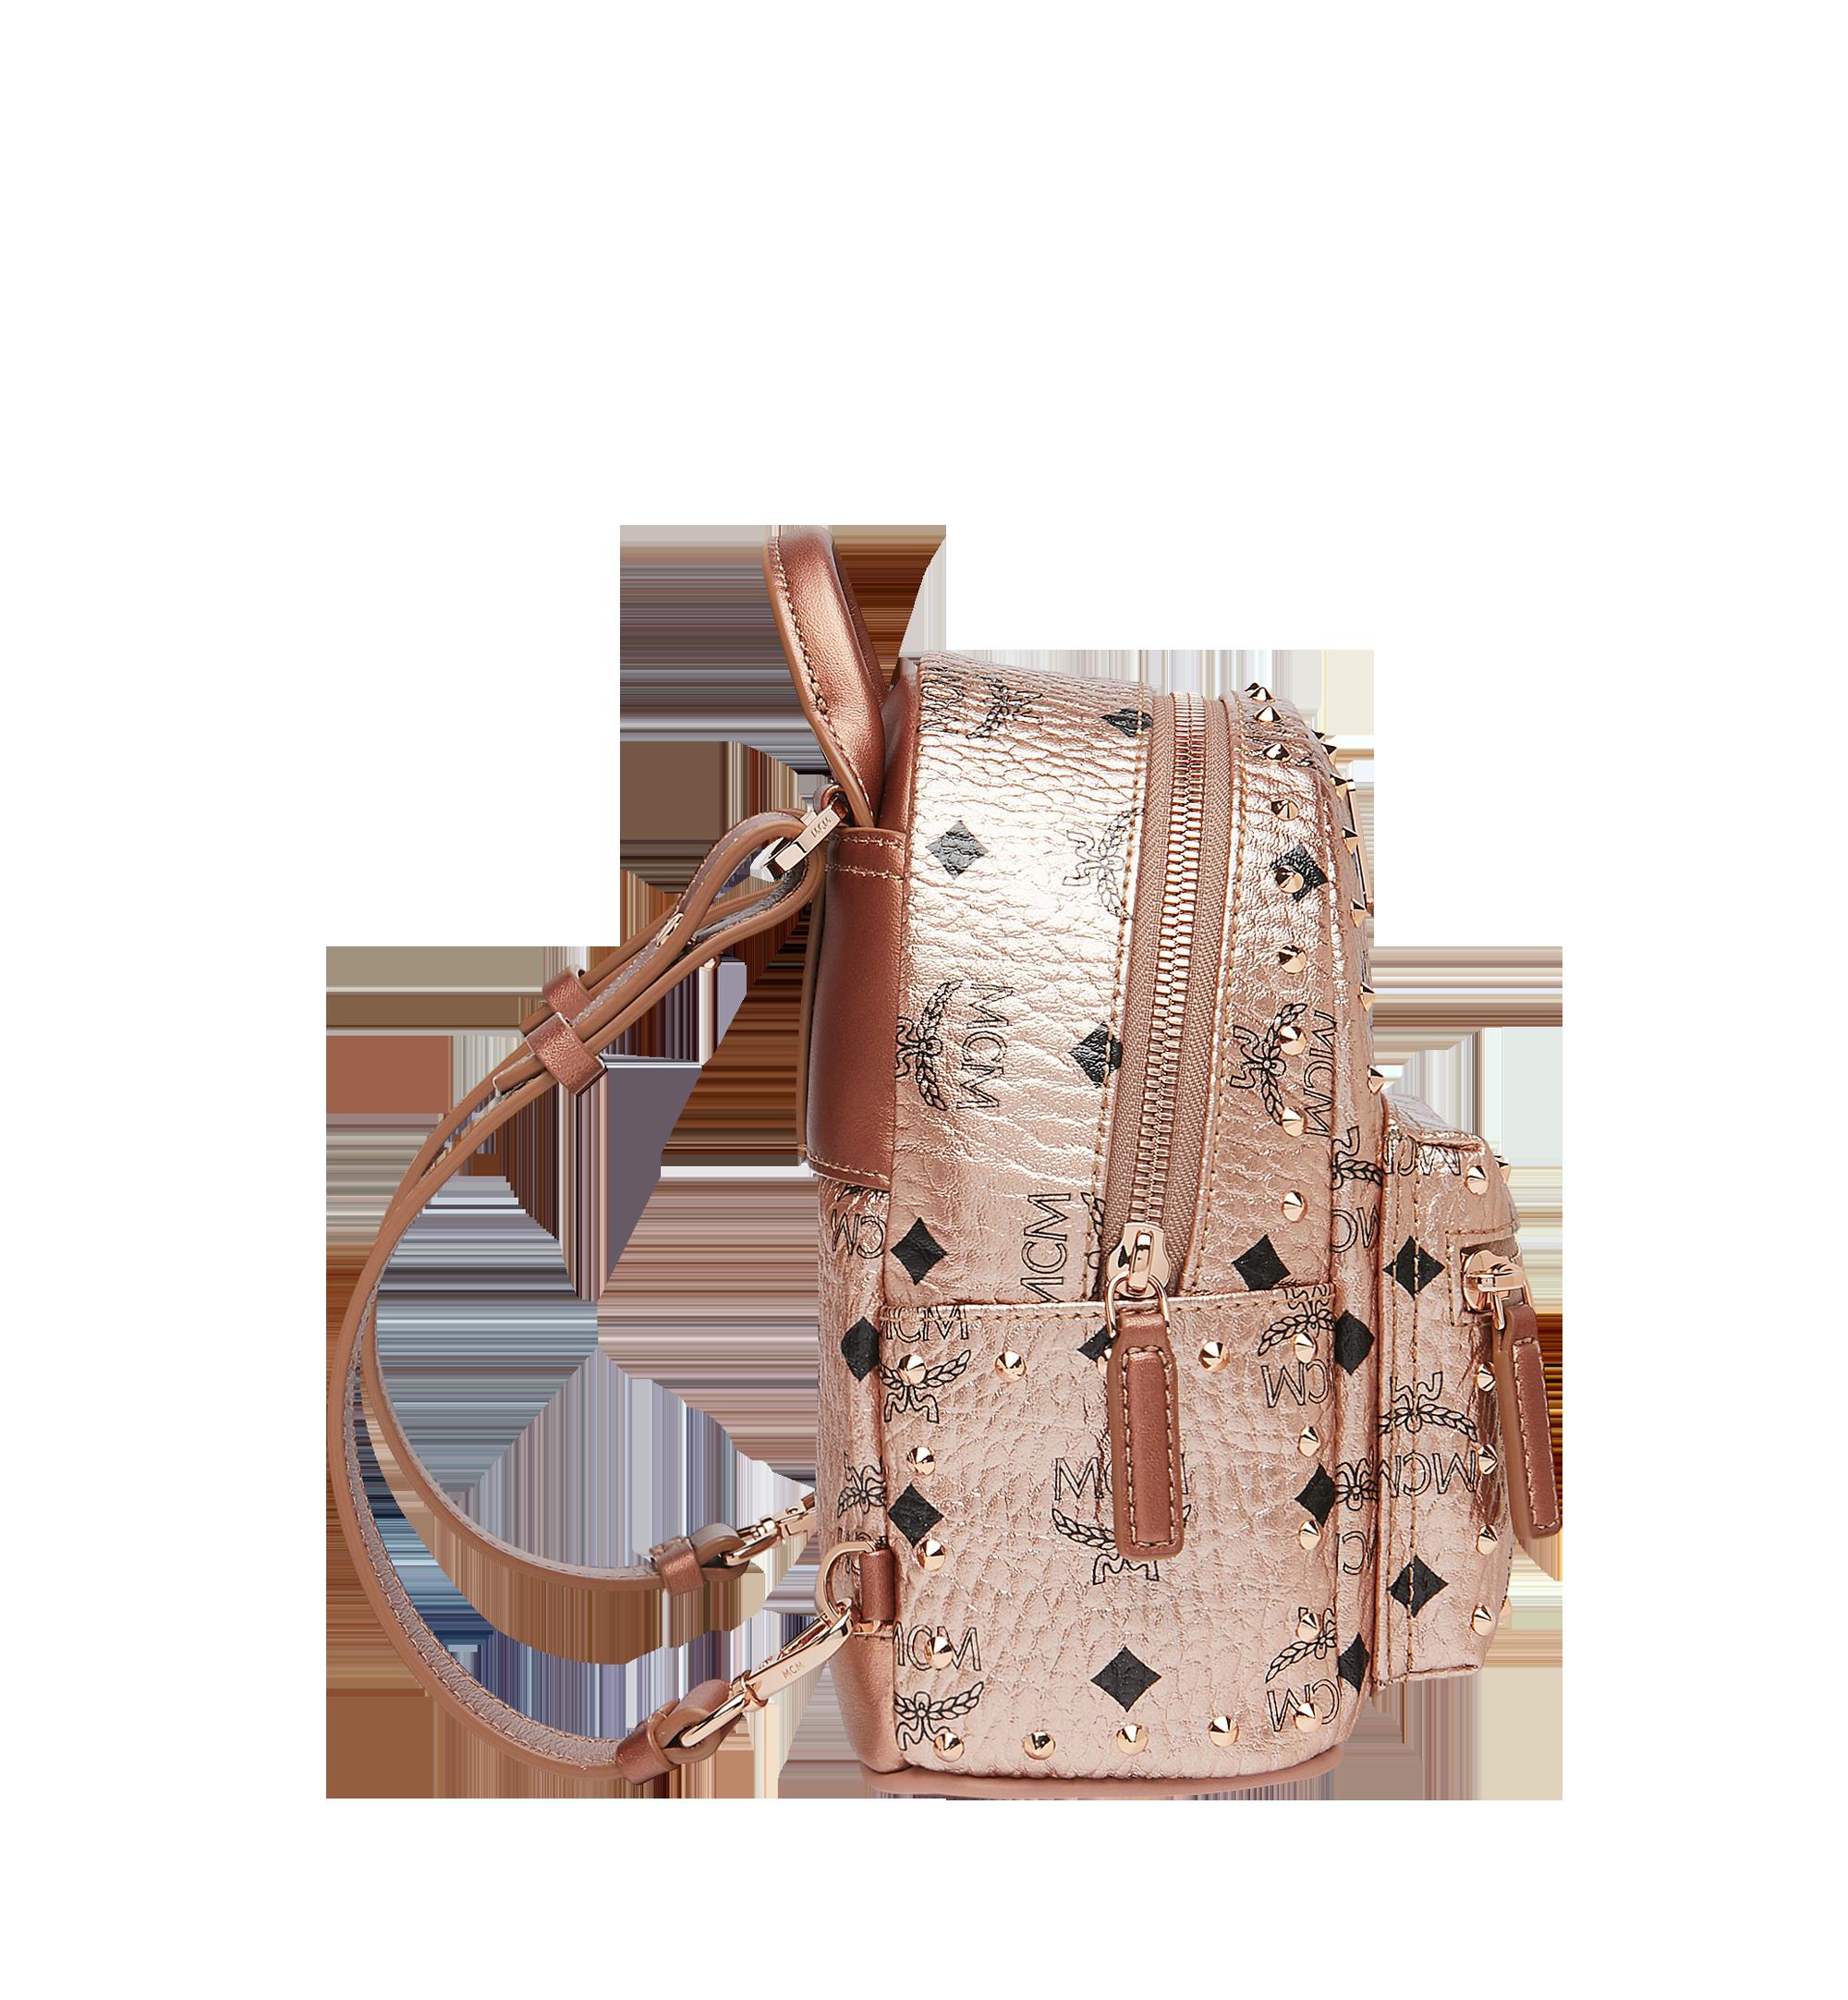 20 cm 8 in Stark Bebe Boo Backpack in Studded Outline